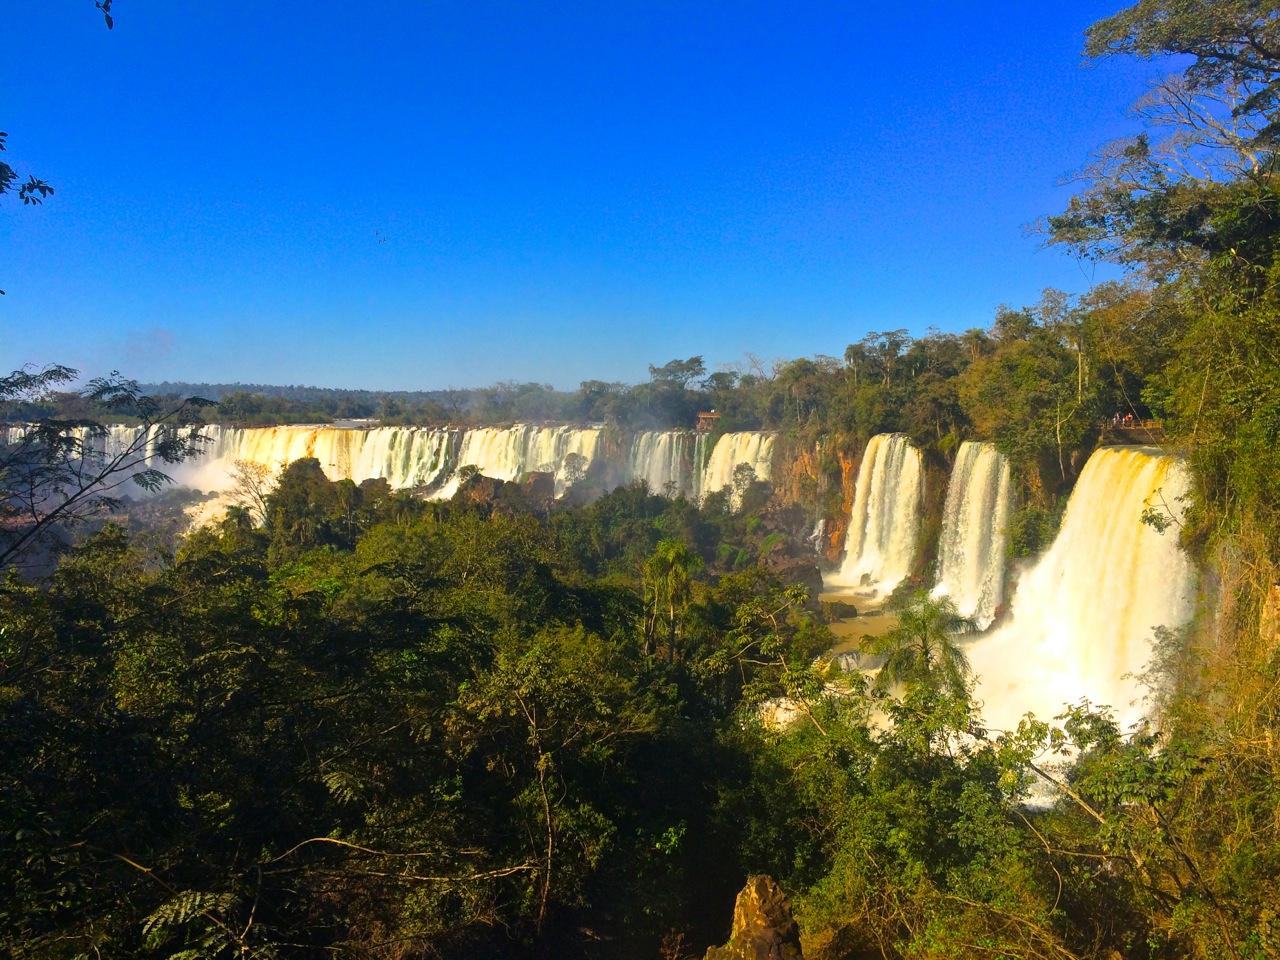 Cataratas del Iguazzu